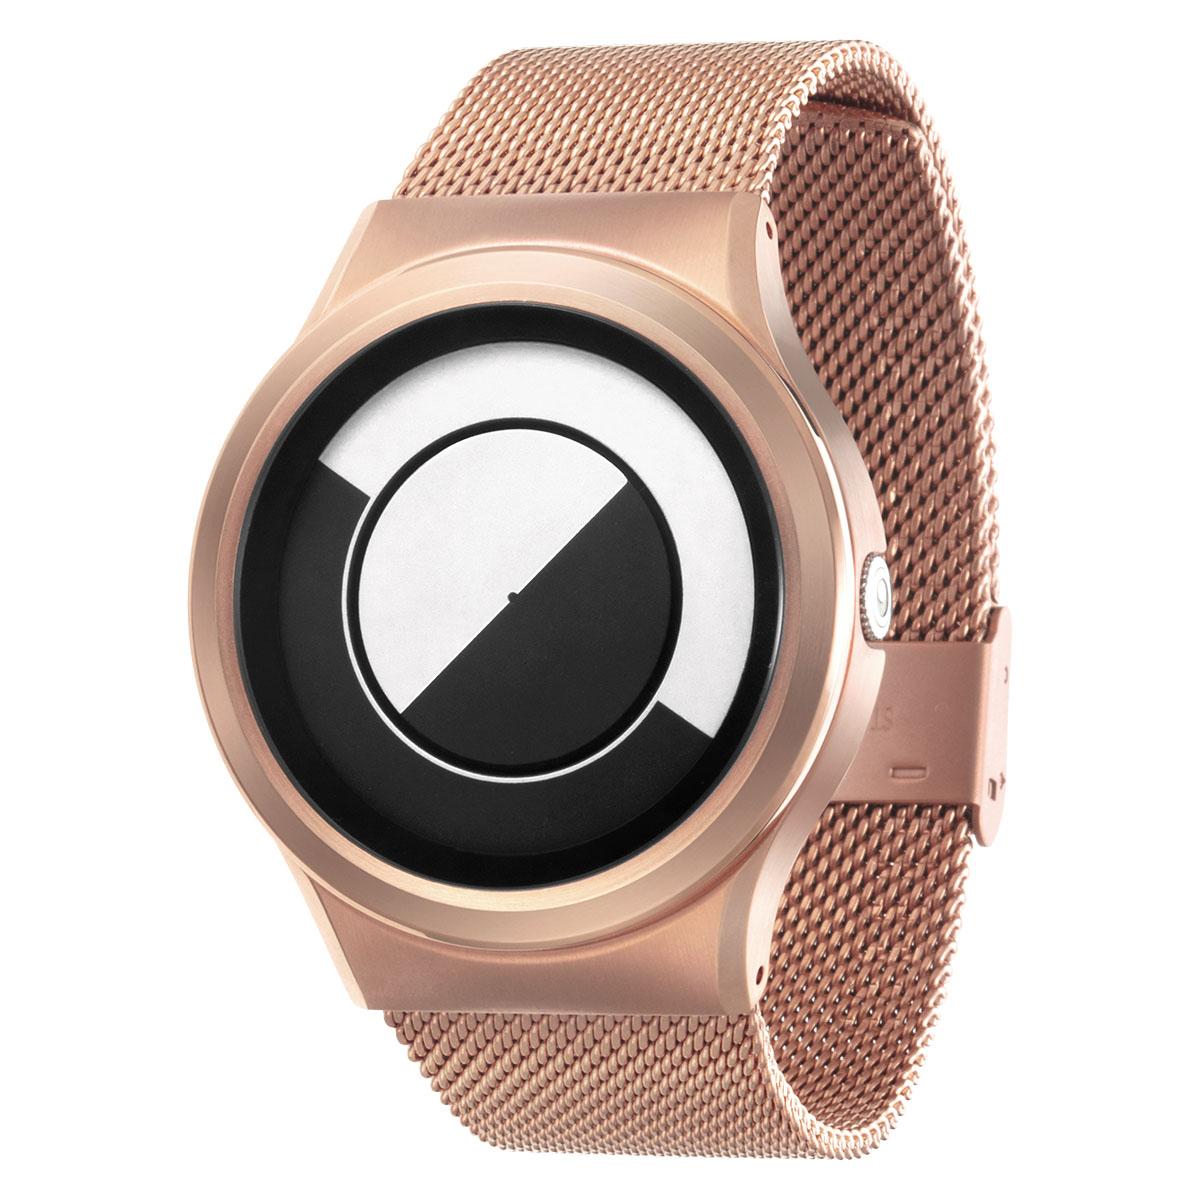 ZEROO QUARTER MOON ゼロ 電池式クォーツ 腕時計 [W08031B05SM05] ホワイト デザインウォッチ ペア用 メンズ レディース ユニセックス おしゃれ時計 デザイナーズ